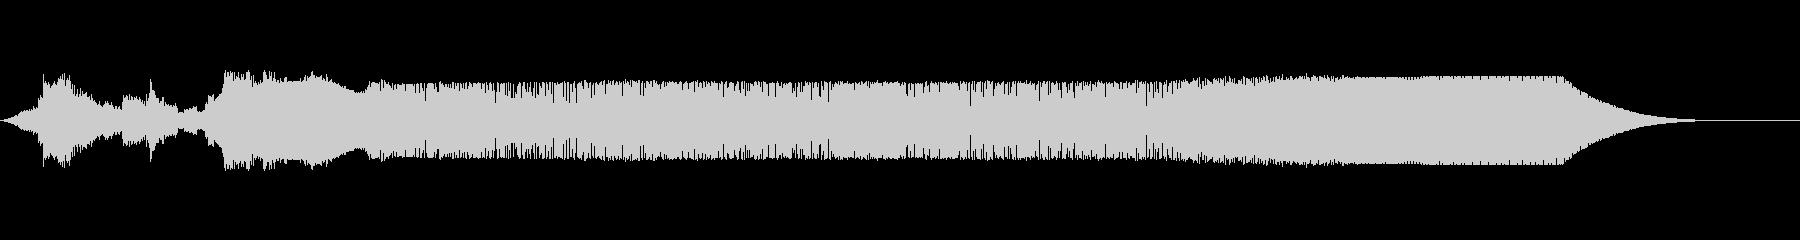 ZAP SYNTH PADの未再生の波形